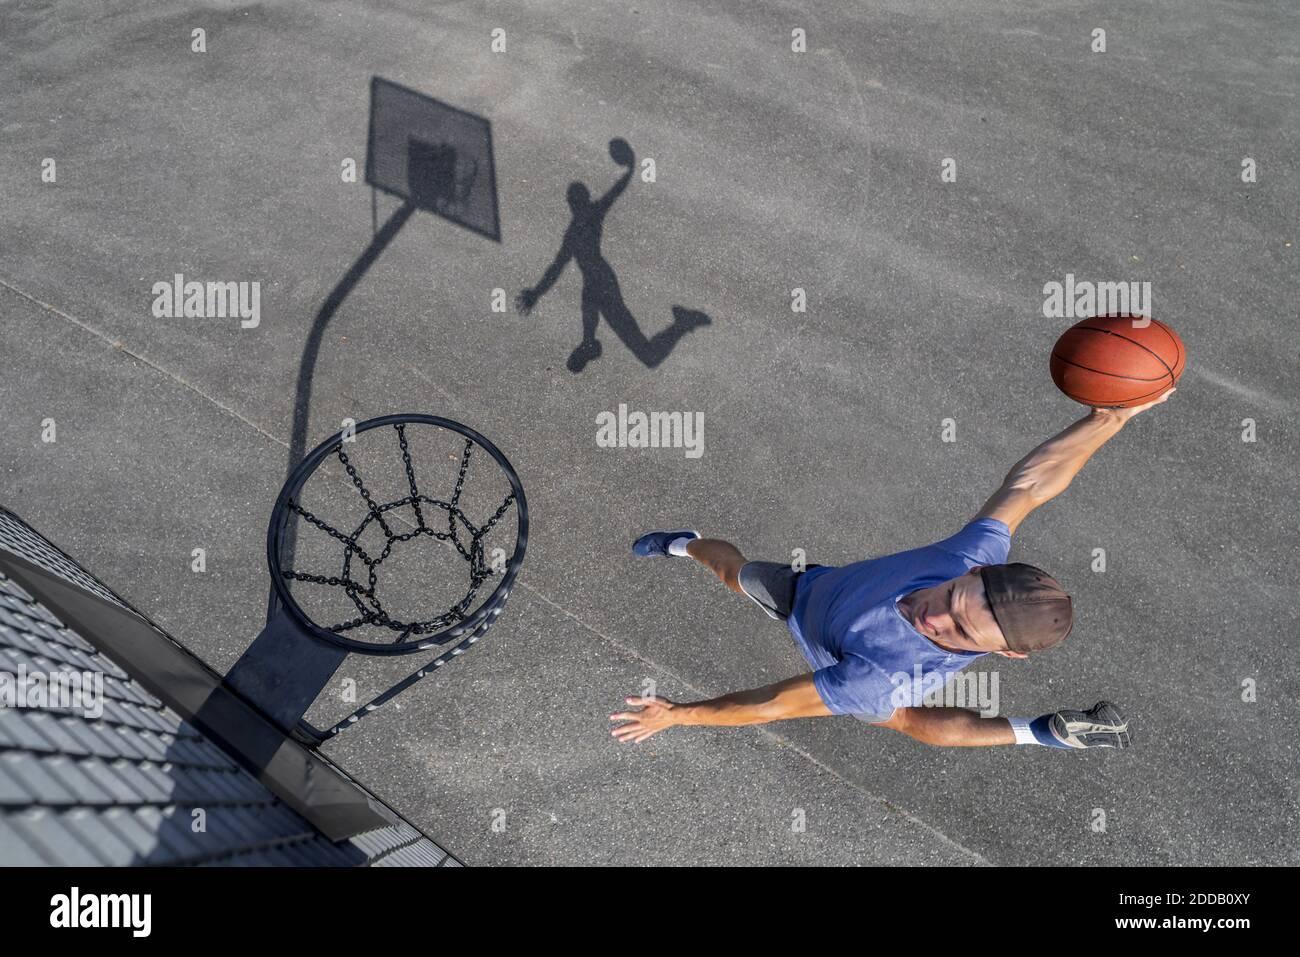 Joven hombre dunking pelota en el aro mientras juega al baloncesto día soleado Foto de stock